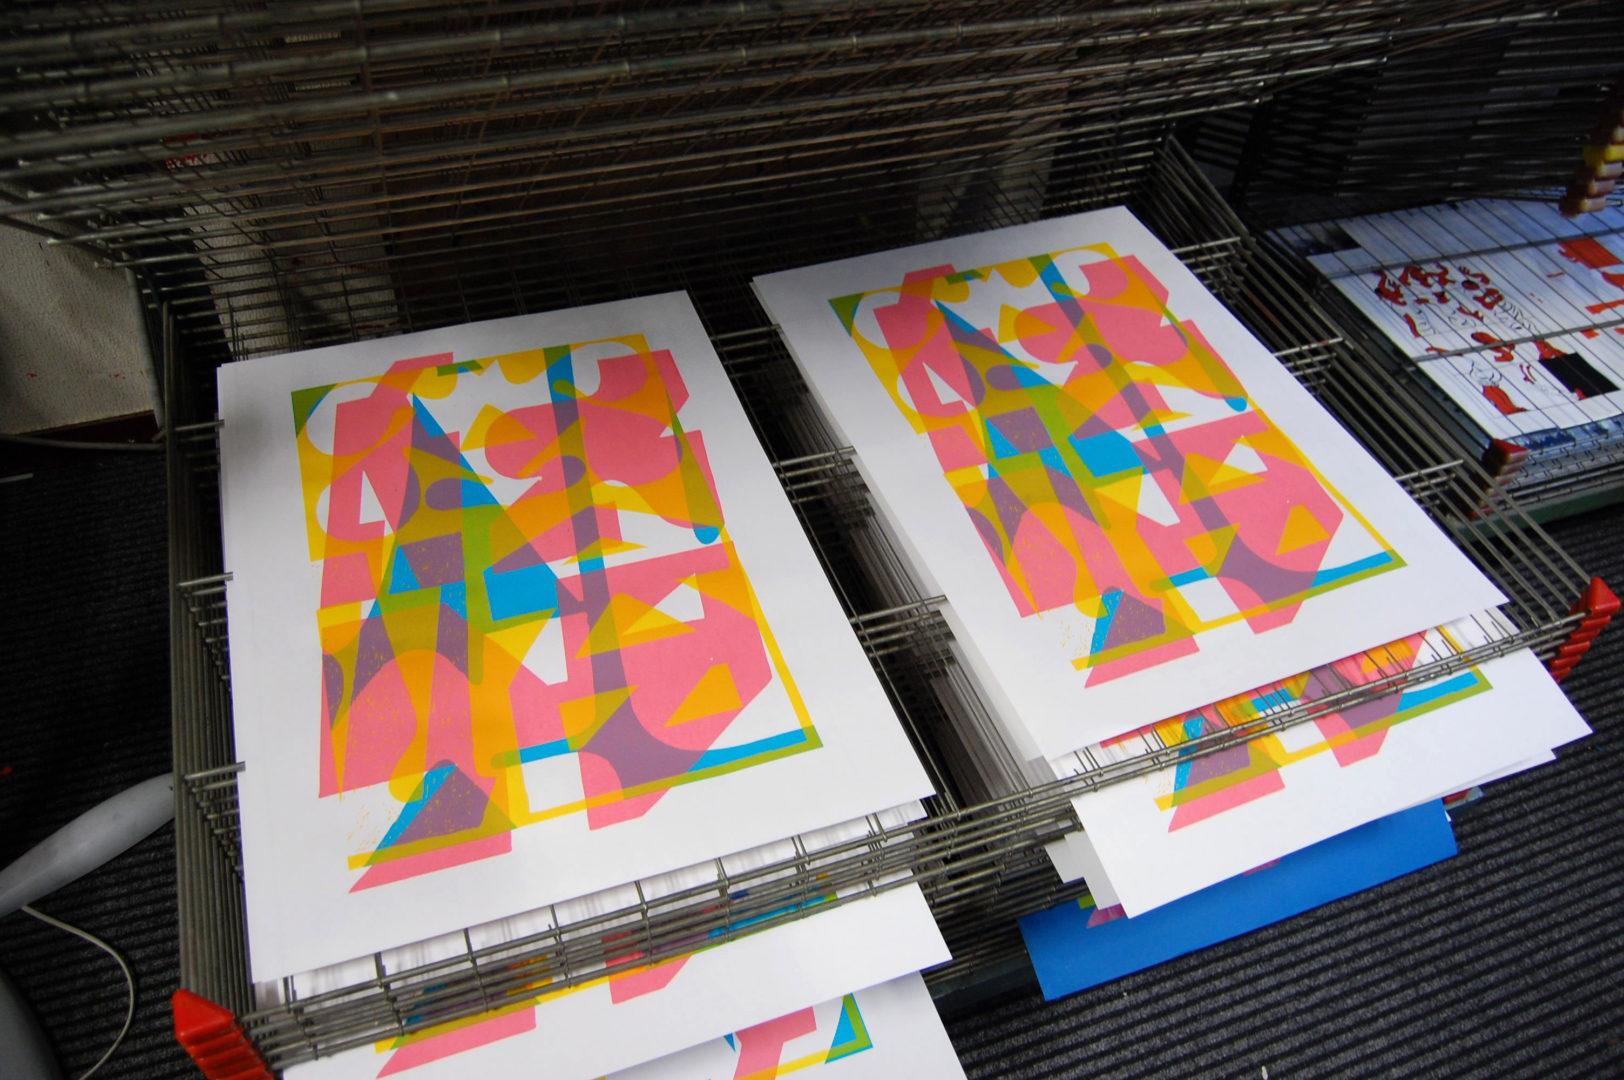 Éditions Juste Ici – Sortie de l'affiche d'Erosie & Small Studio